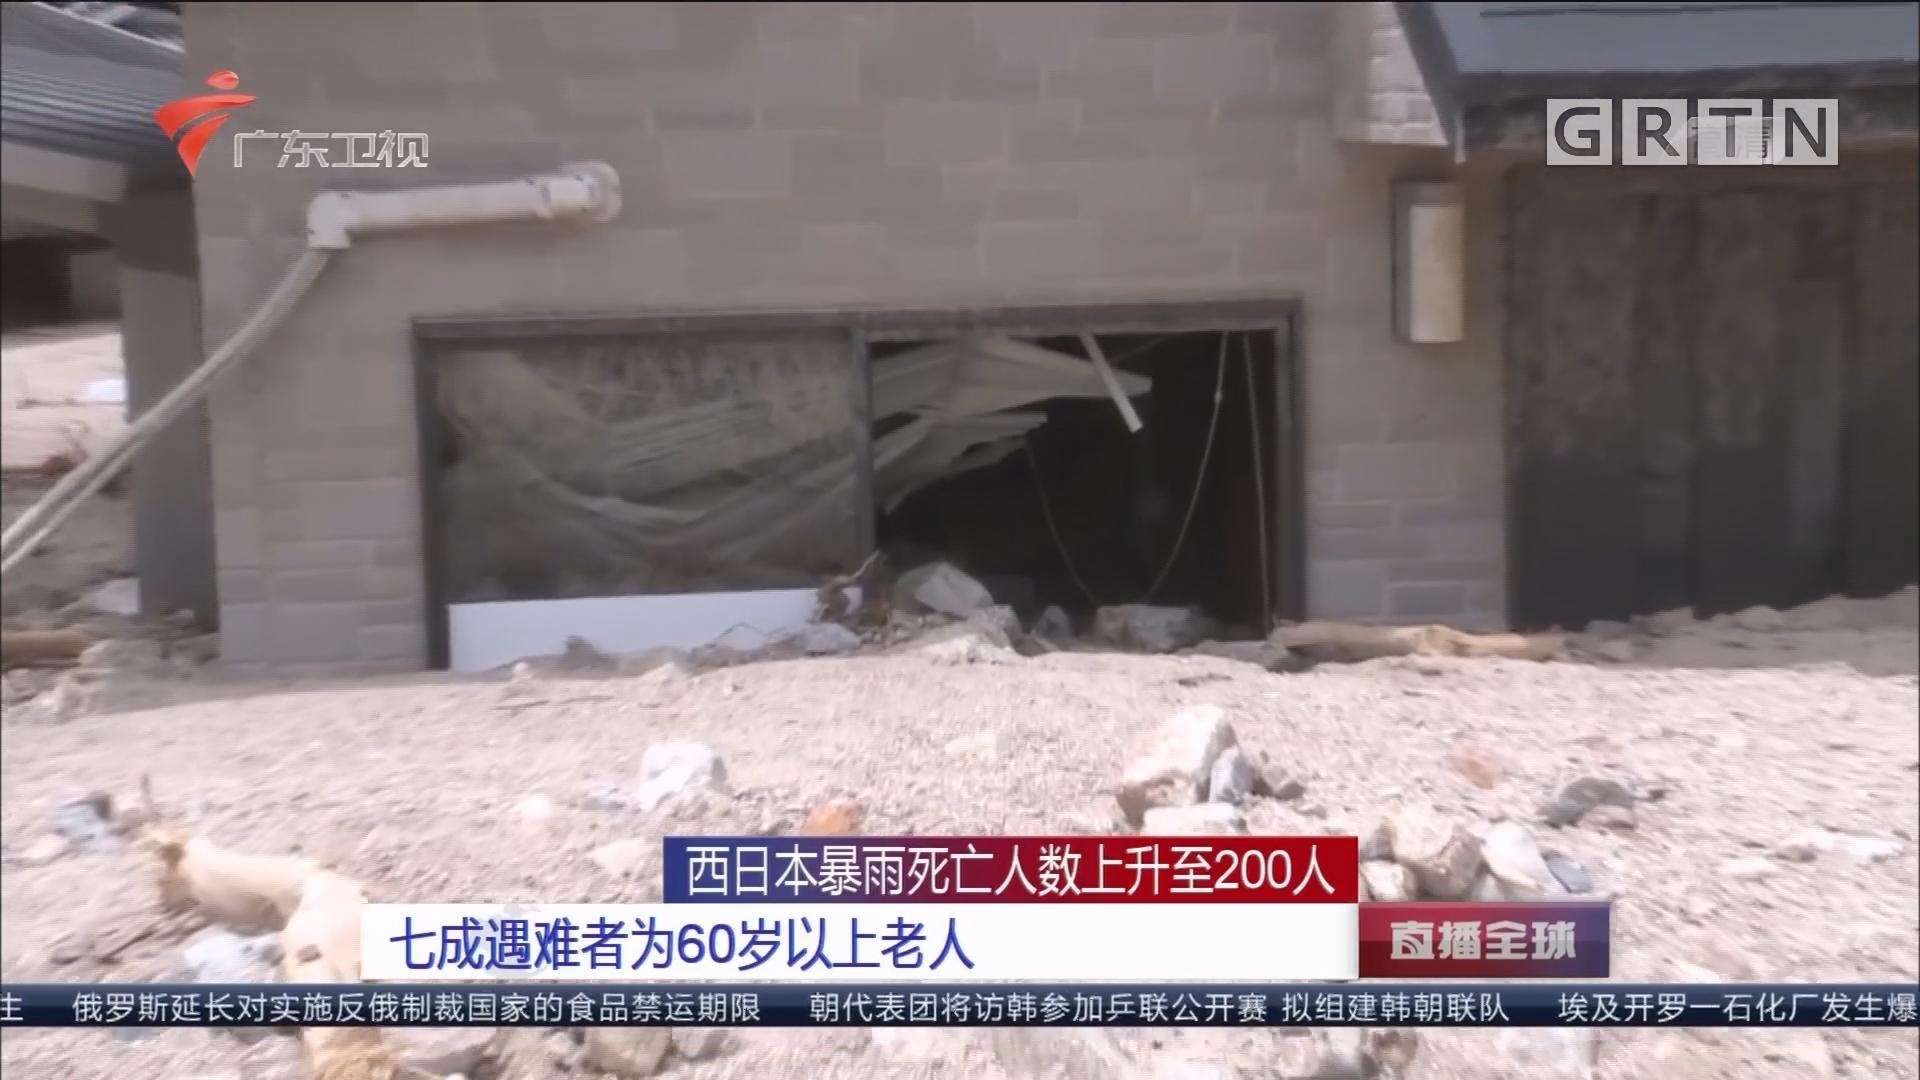 西日本暴雨死亡人数上升至200人 七成遇难者为60岁以上老人